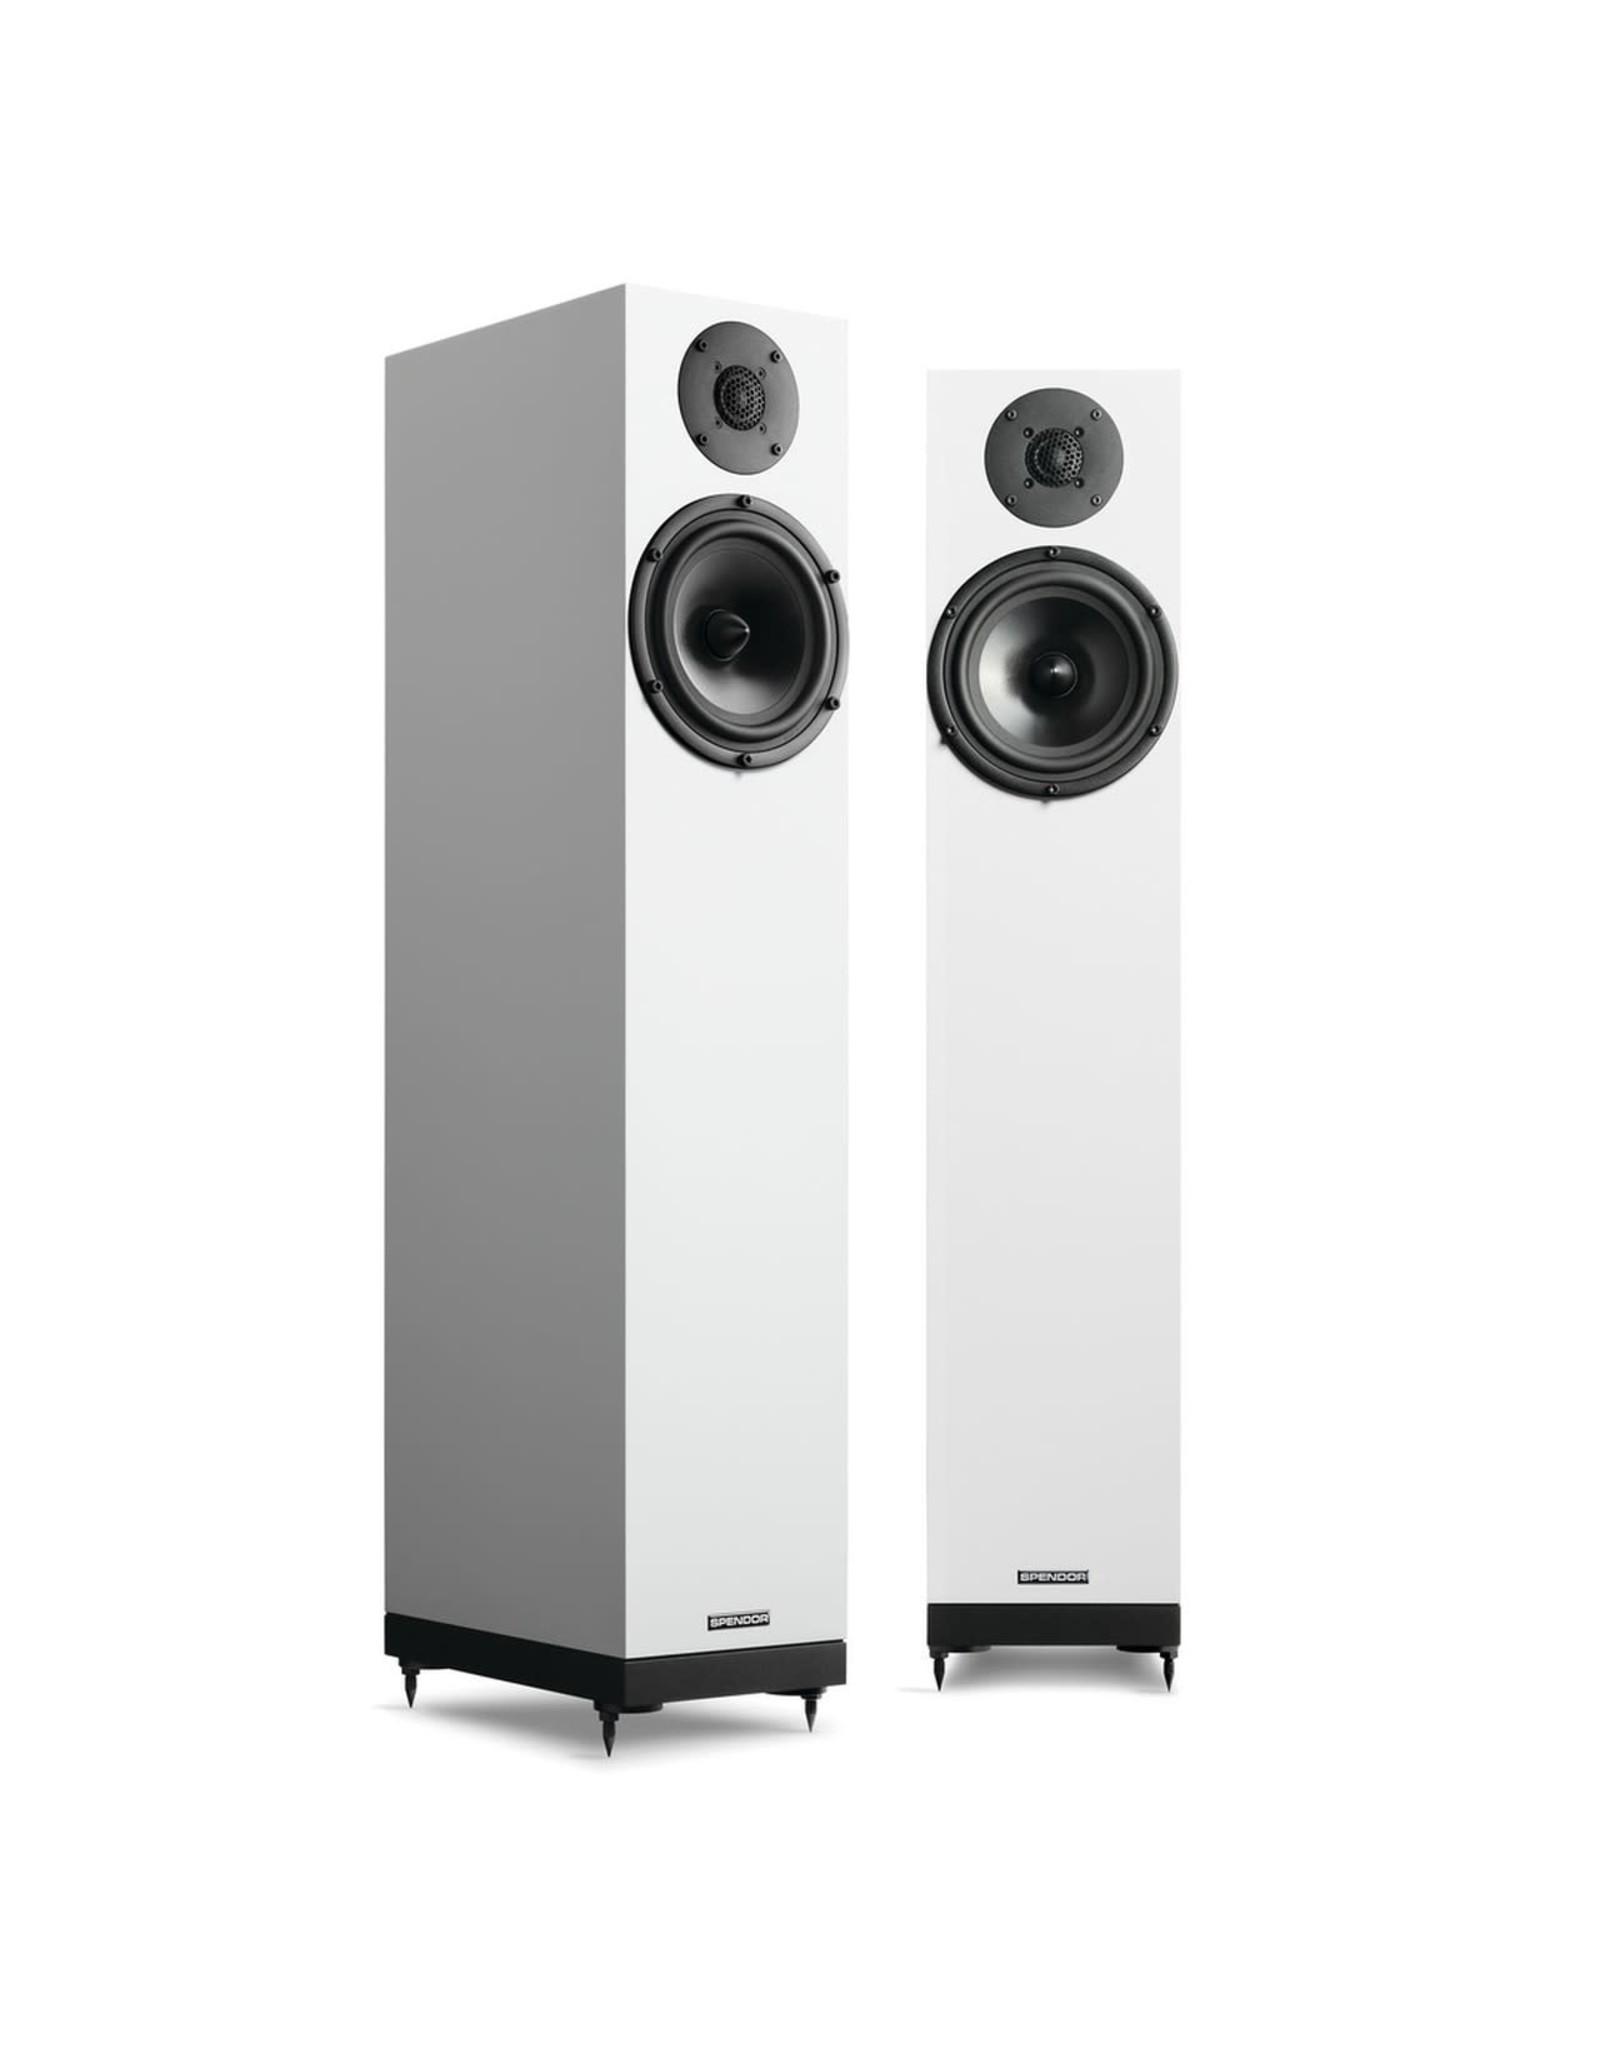 Spendor Spendor A7 Floorstanding Speakers